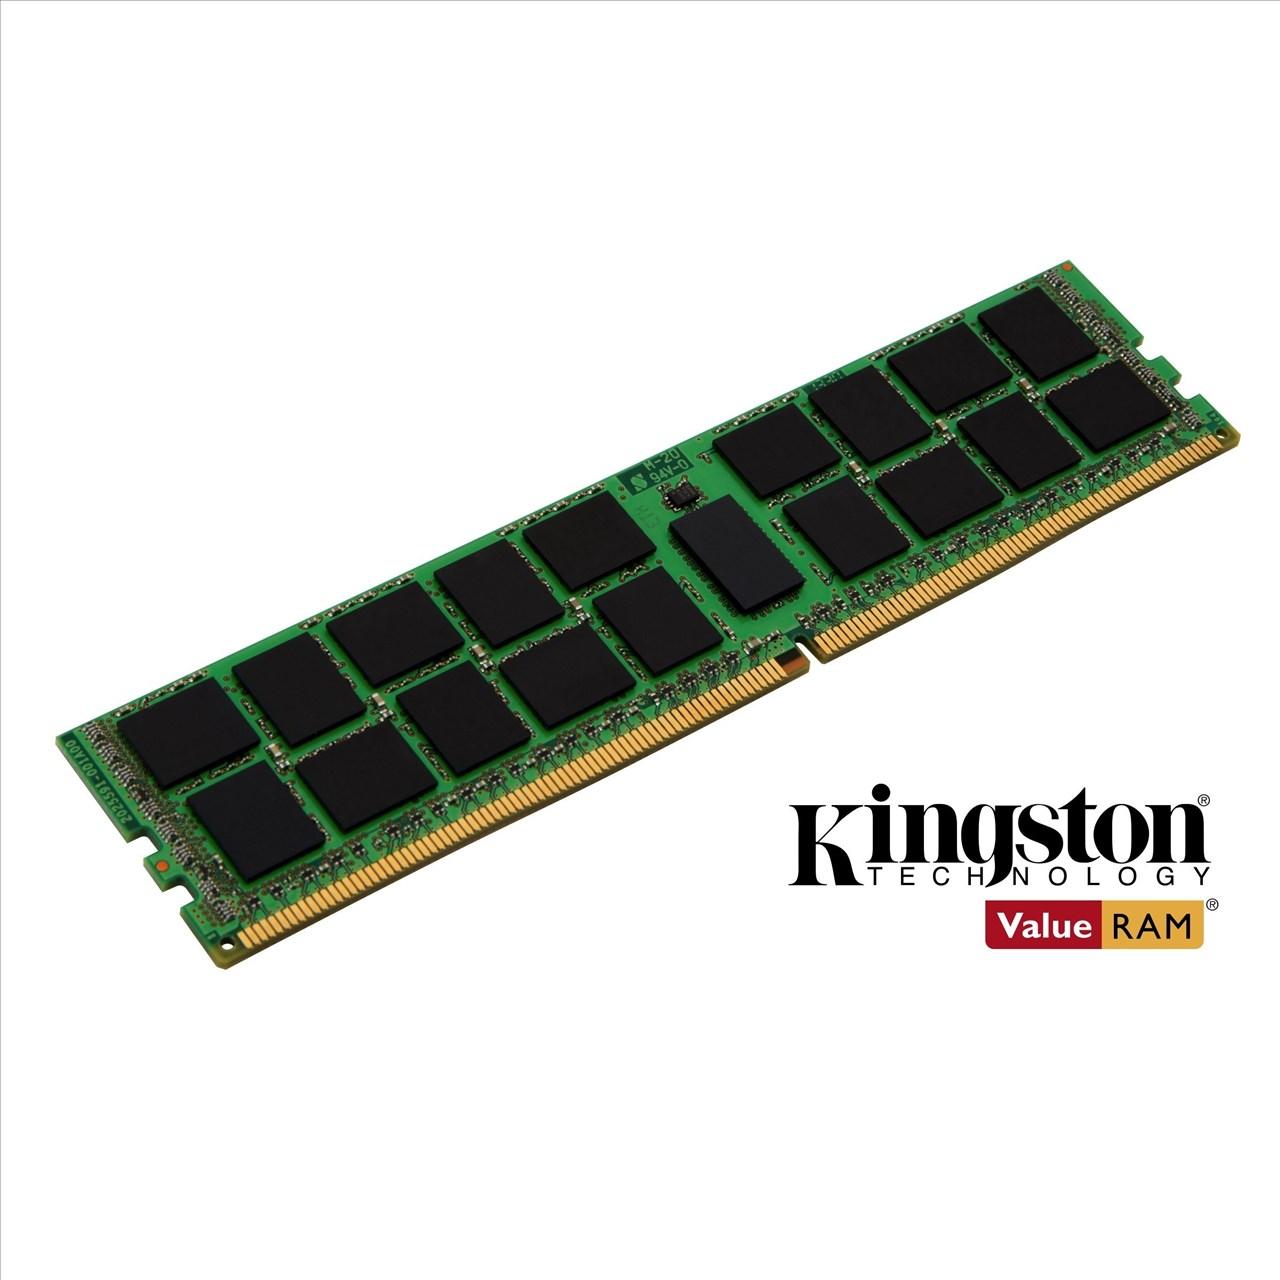 【新風尚潮流】 金士頓伺服器記憶體 16G 16GB DDR3-1600 ECC REG KVR16R11D4/16